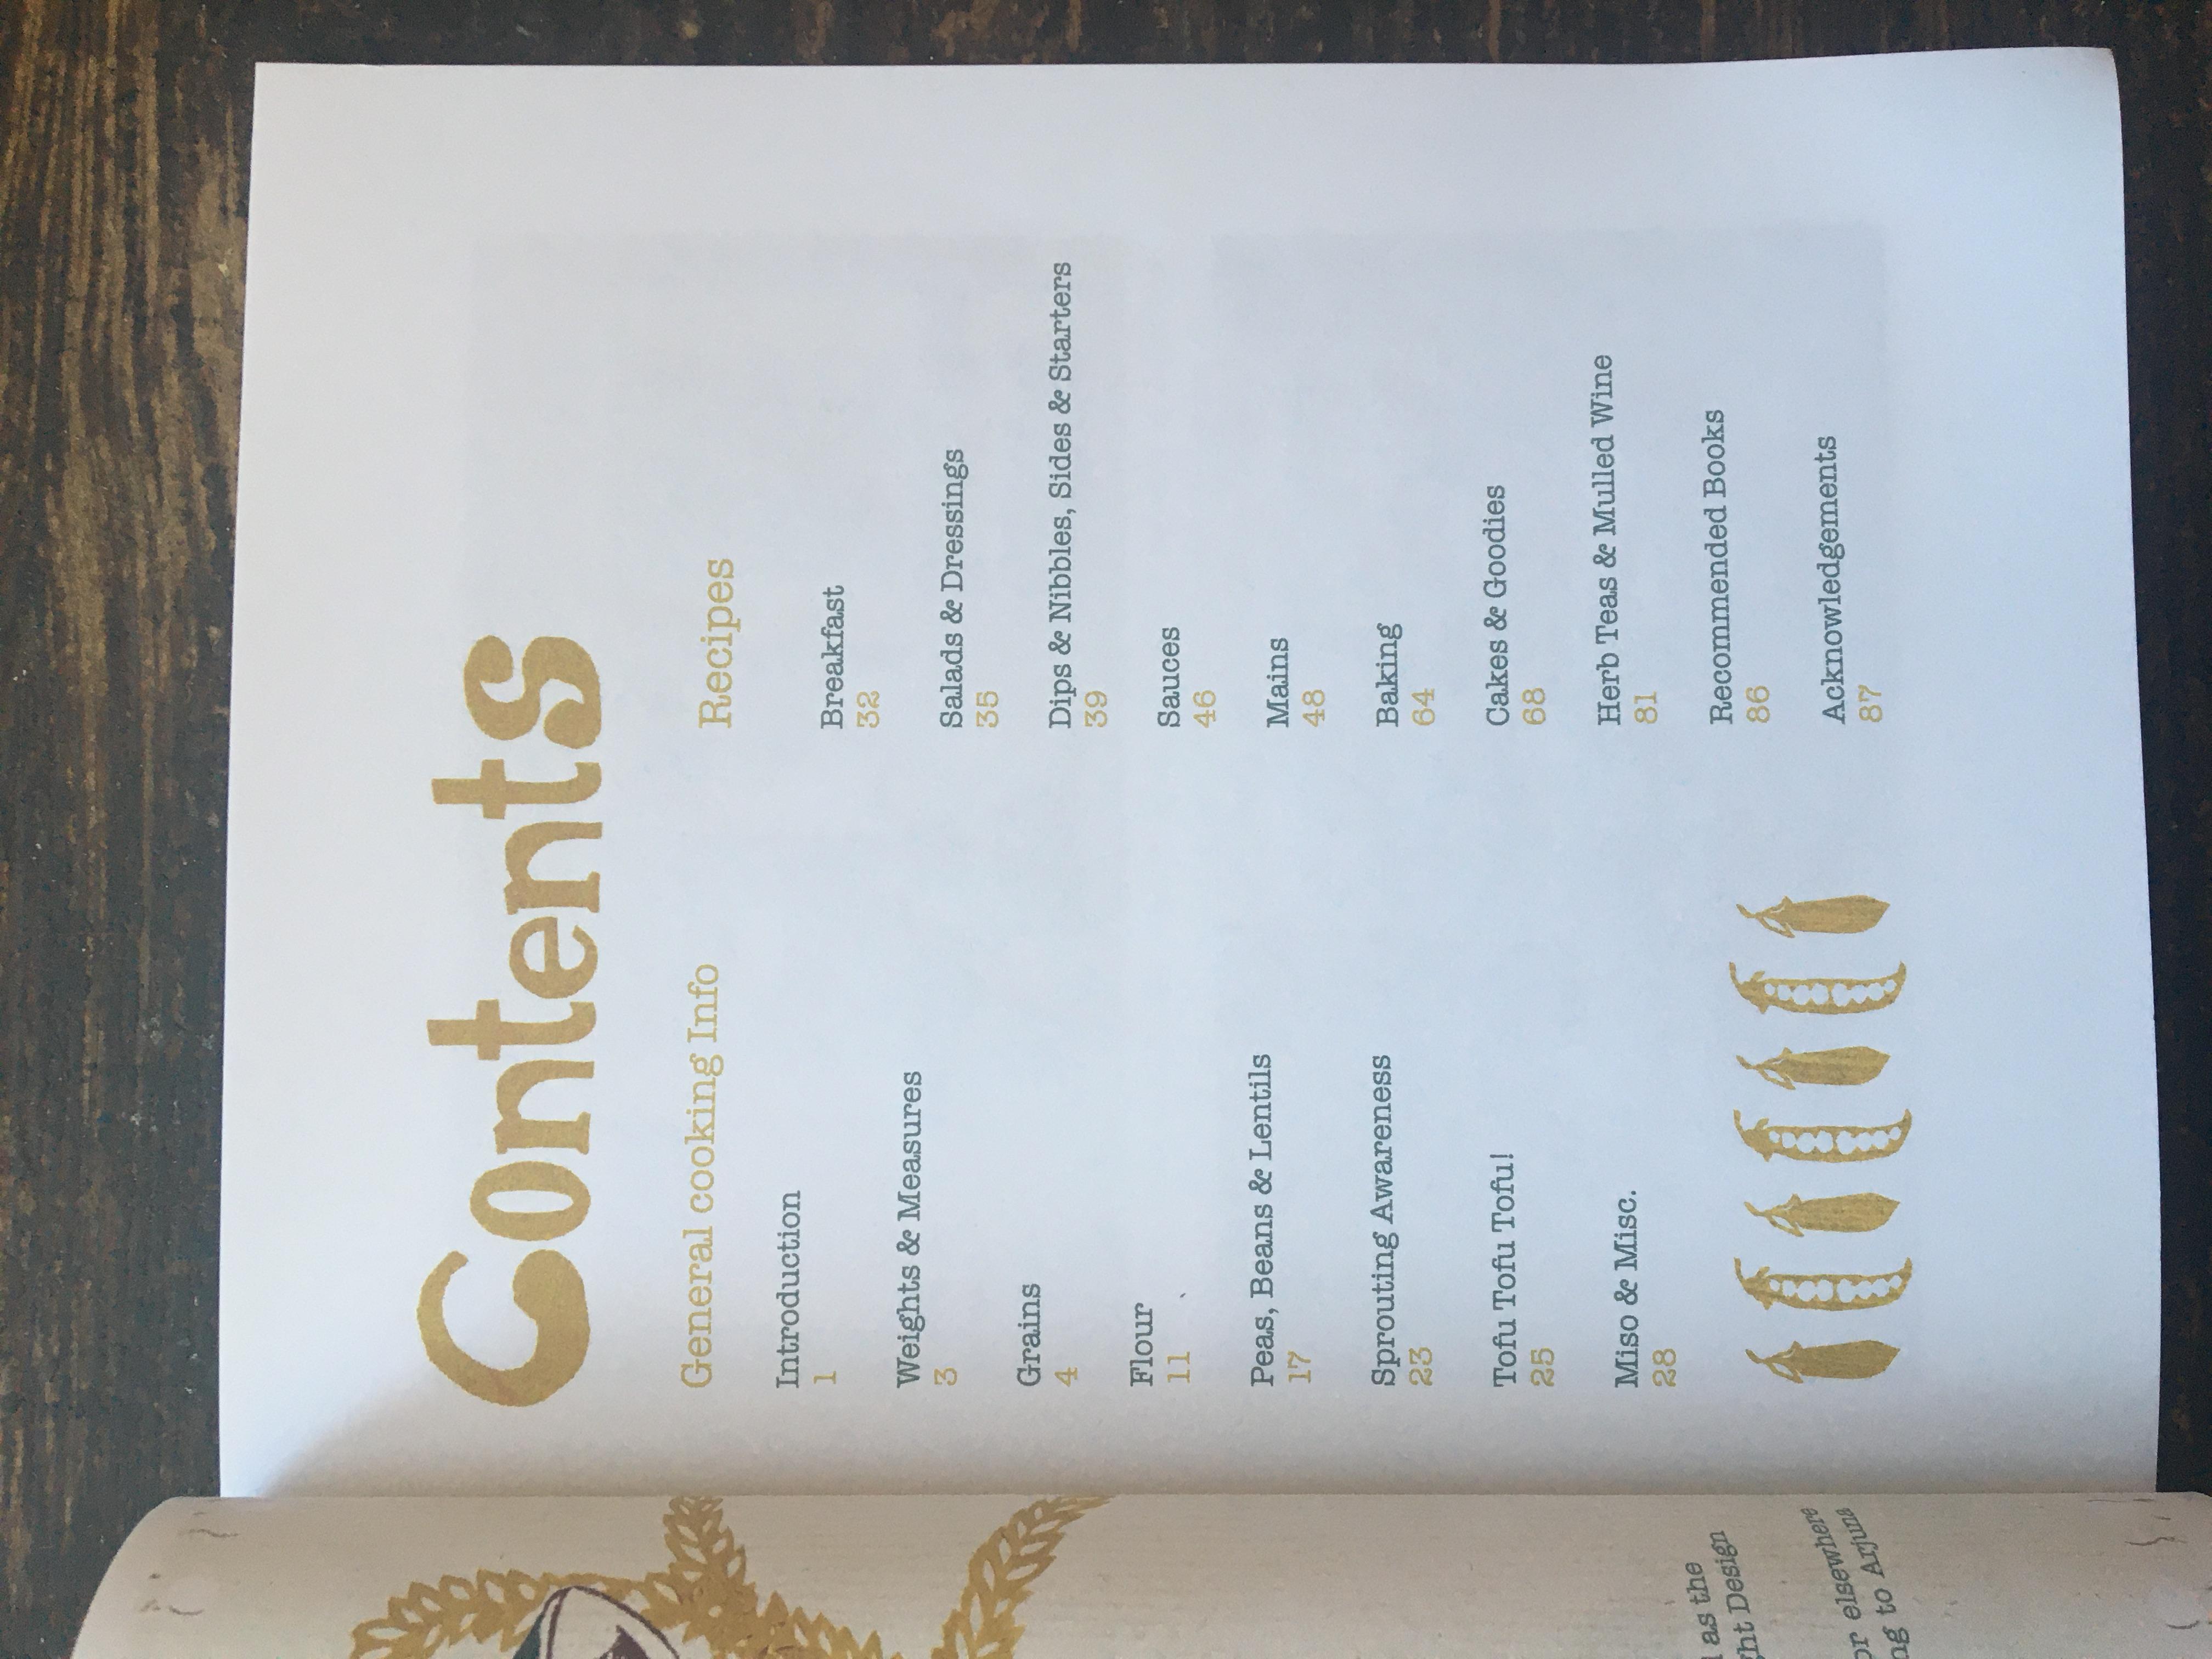 Arjuna Vegetarian Cook Book